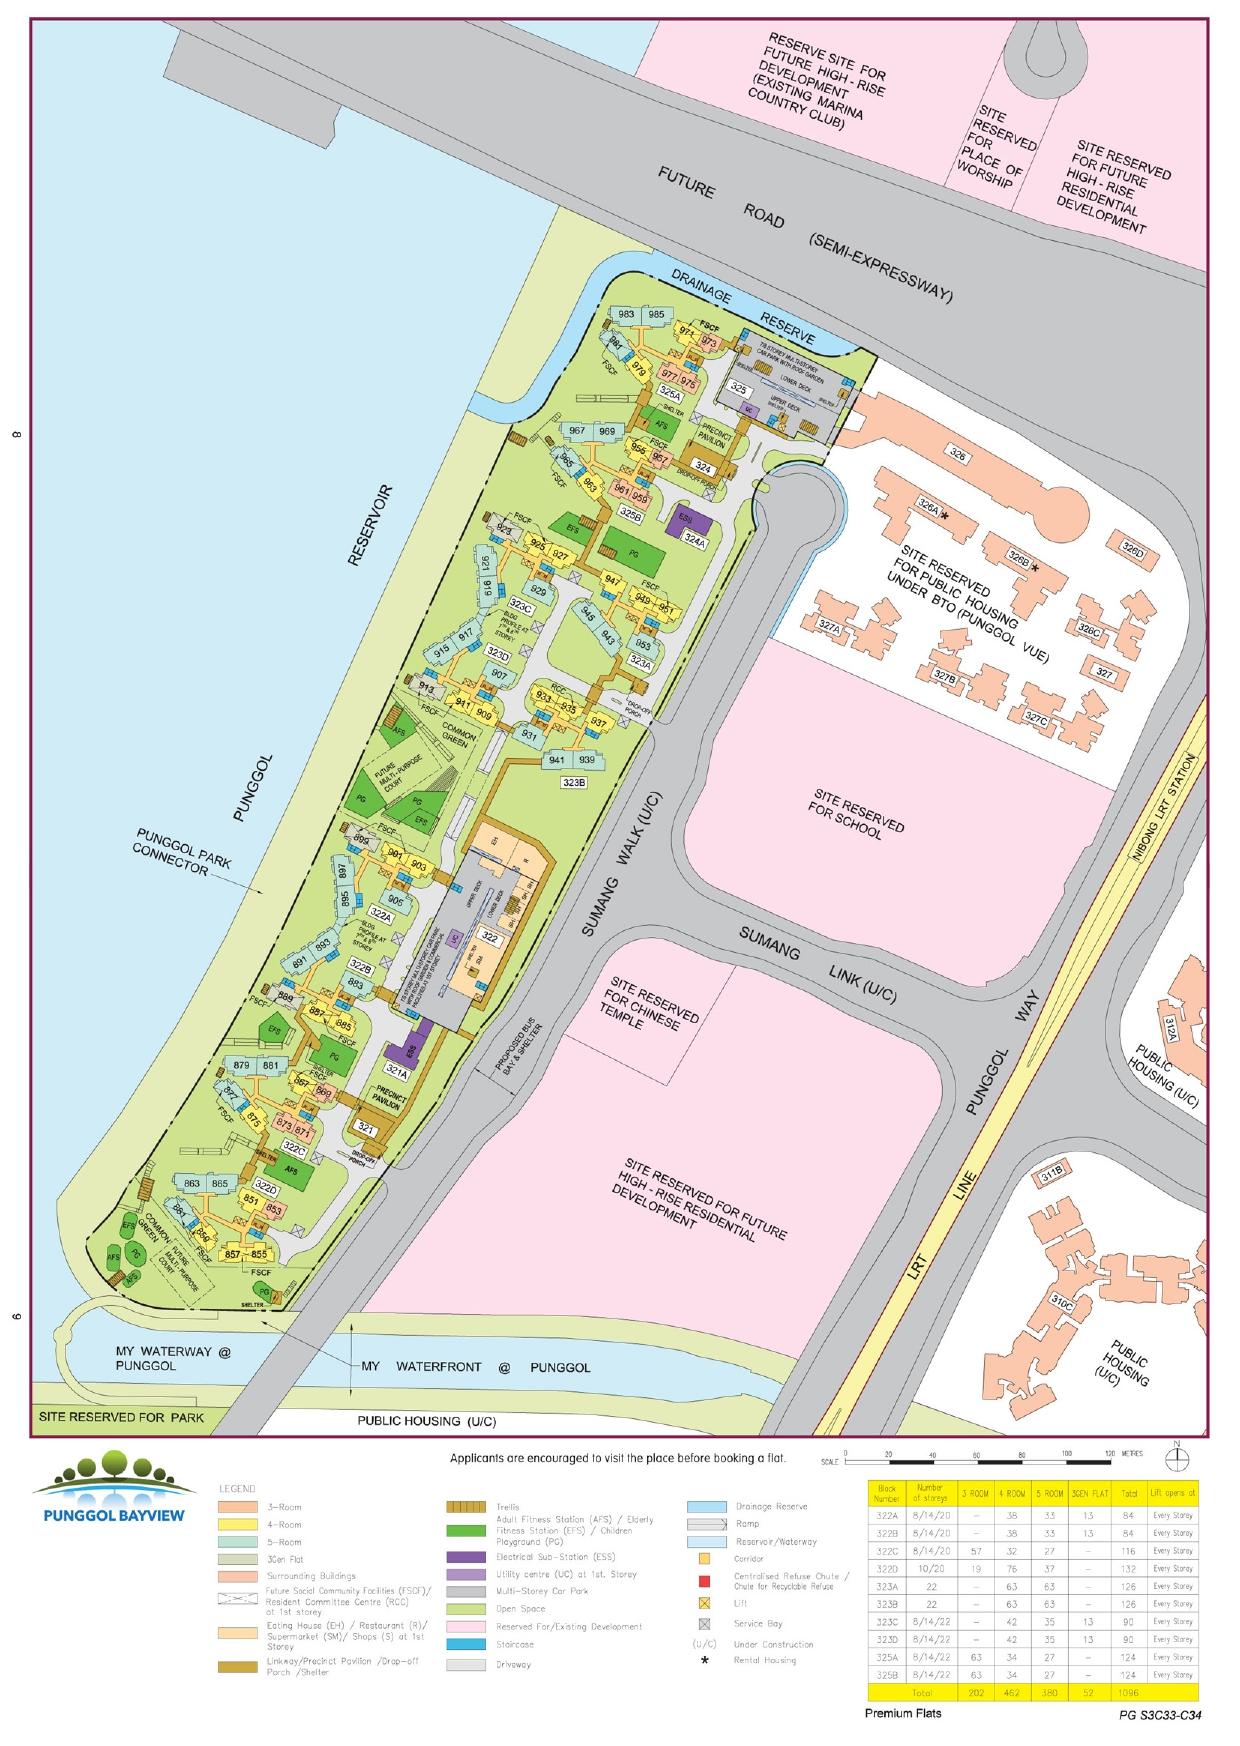 Punggol Bayview Site Plan